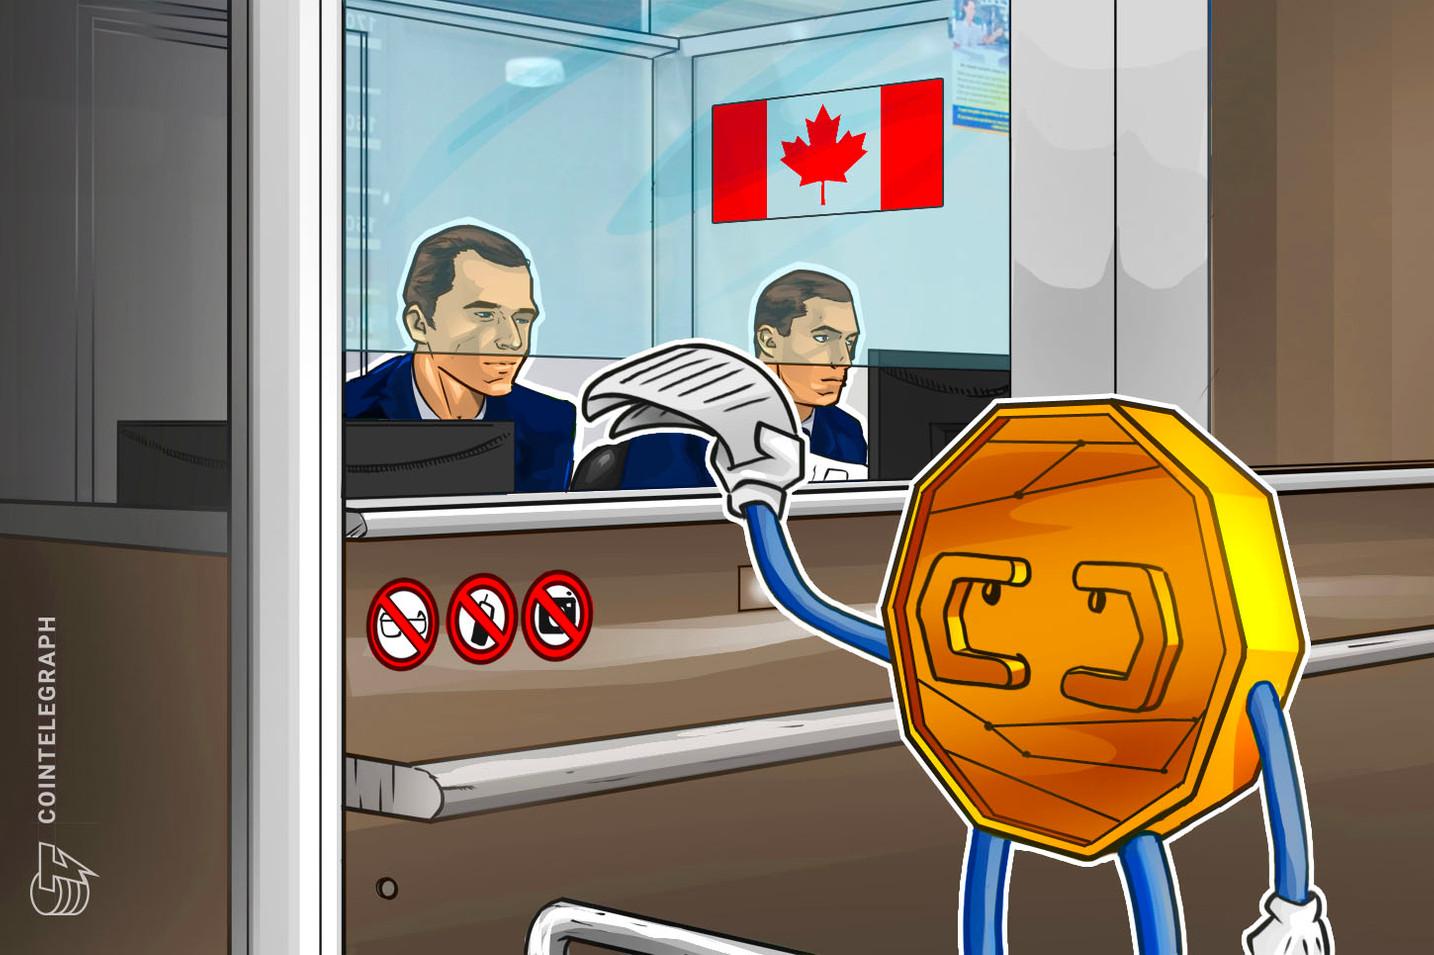 Canadá: Criptoexchanges deben registrarse con el organismo de control financiero el próximo mes de junio